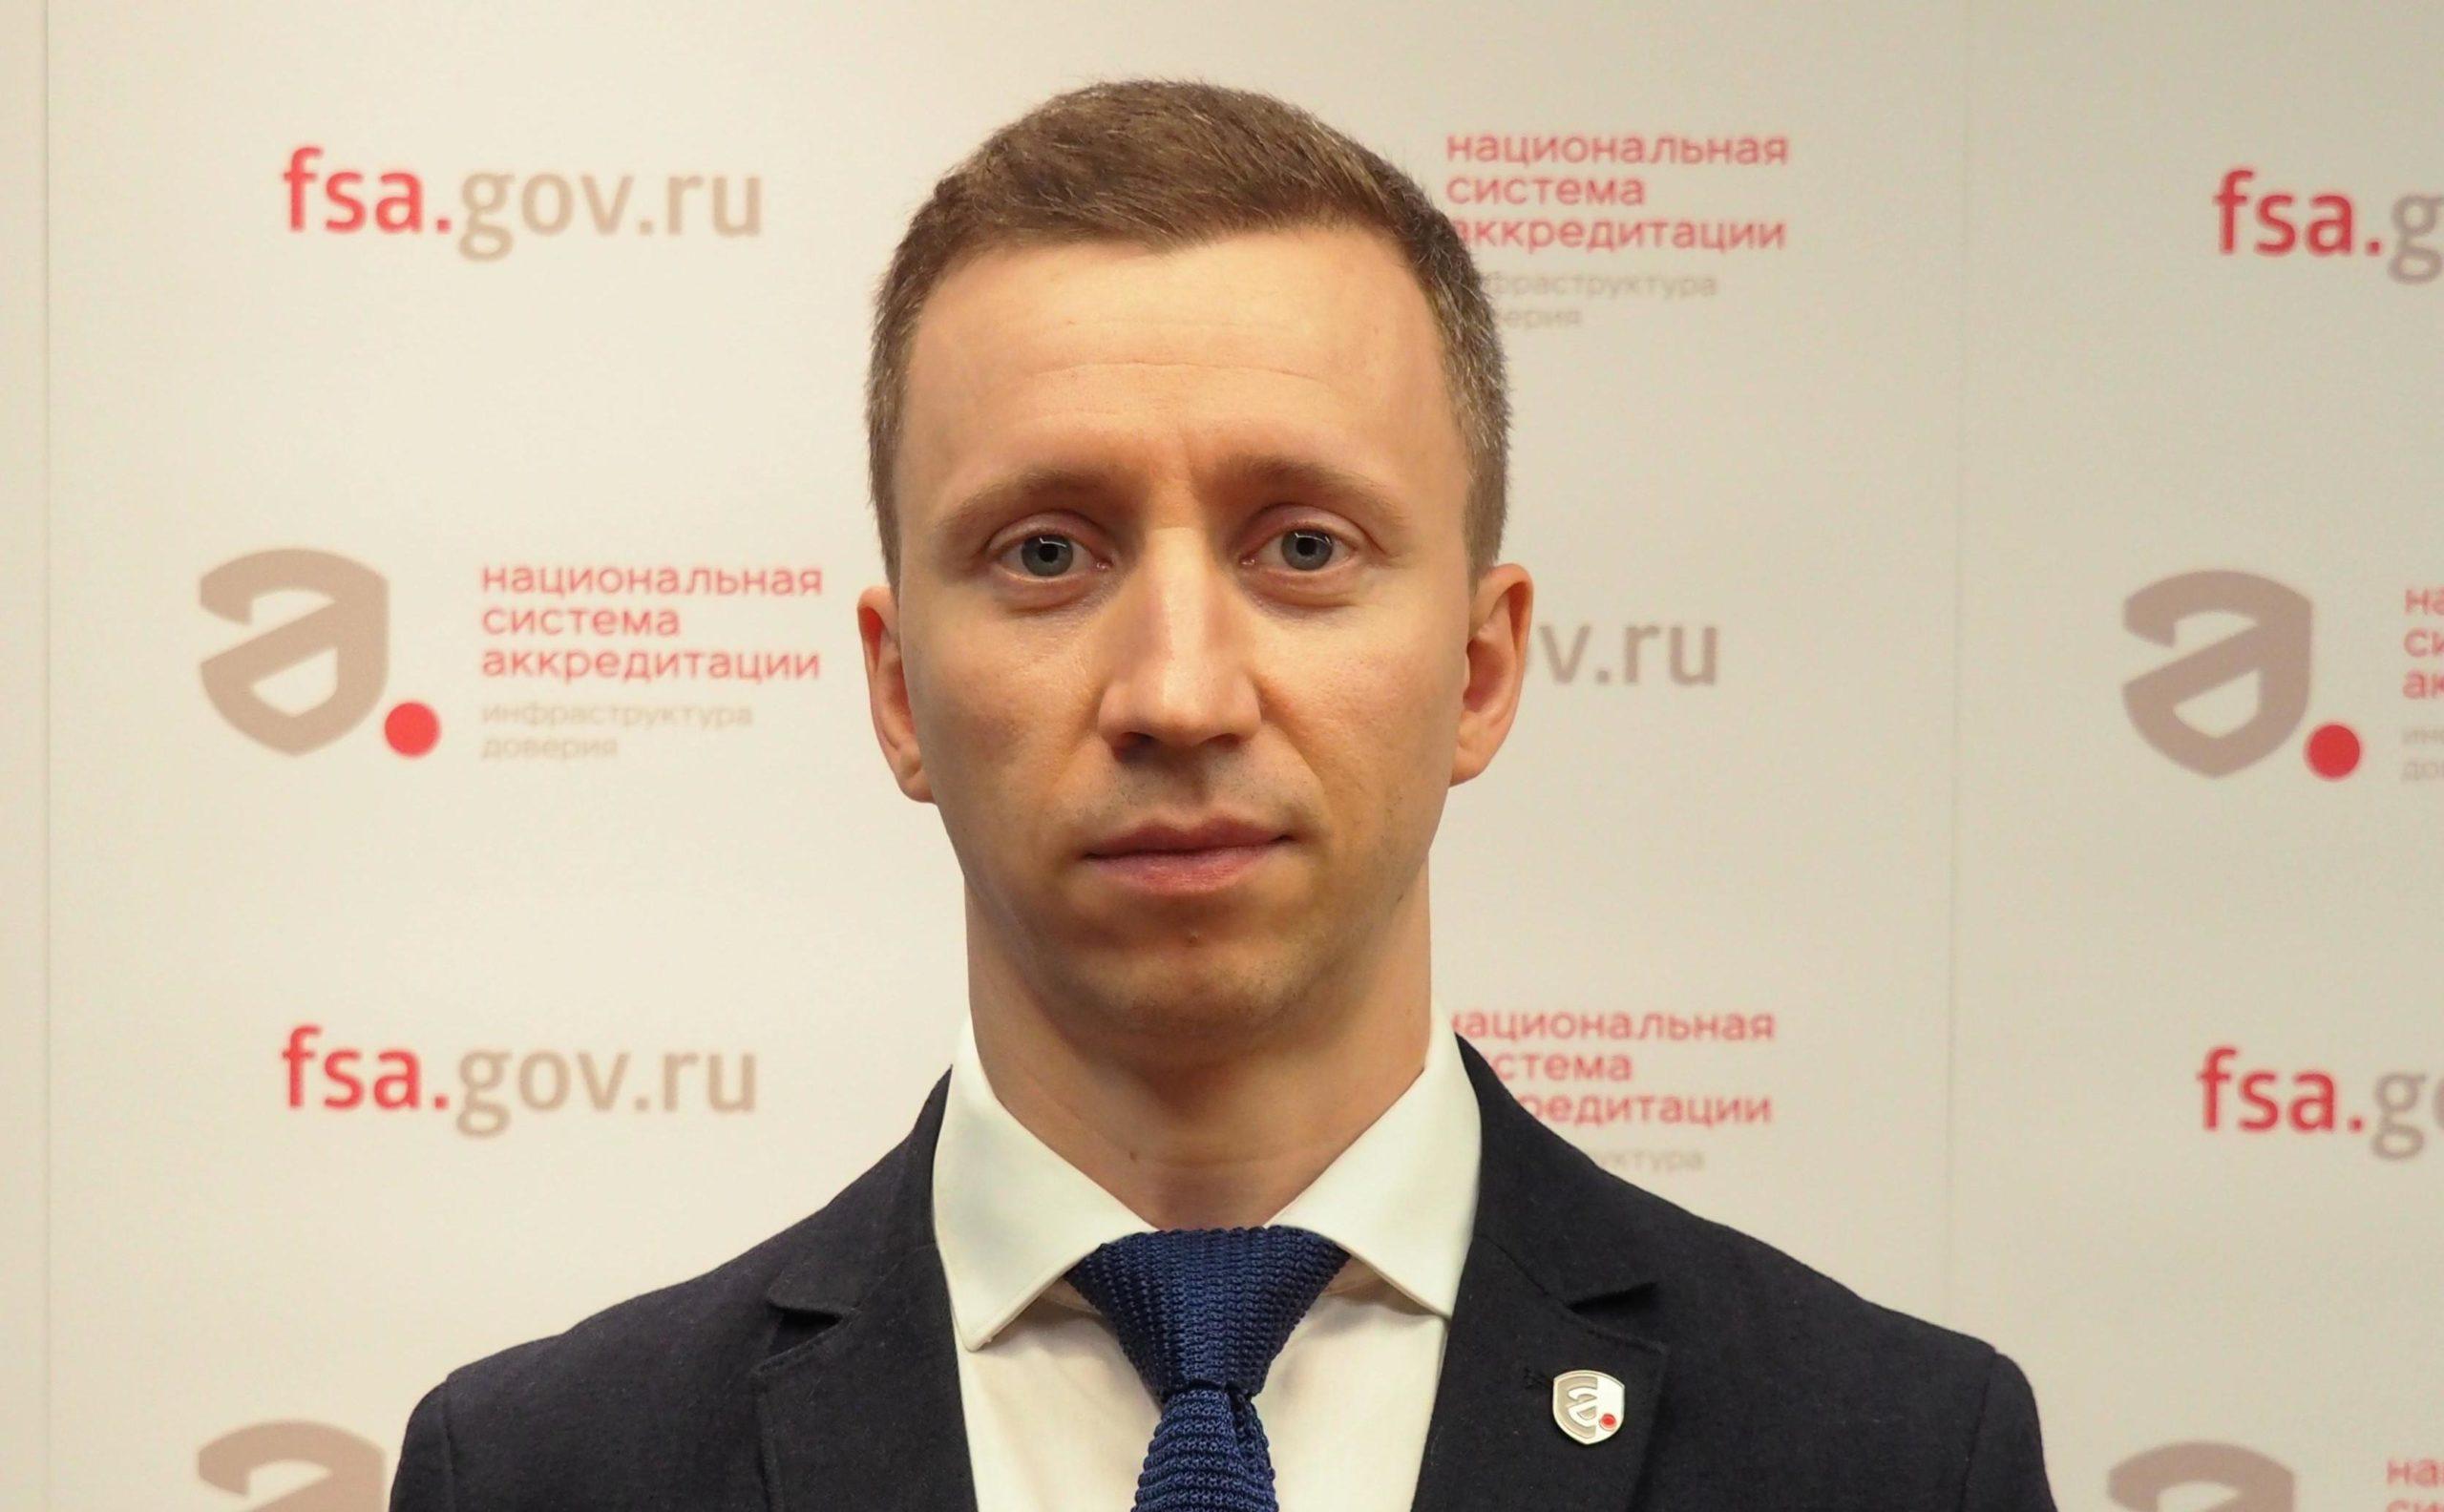 Егор Булычев назначен заместителем генерального директора Национального института аккредитации Росаккредитации